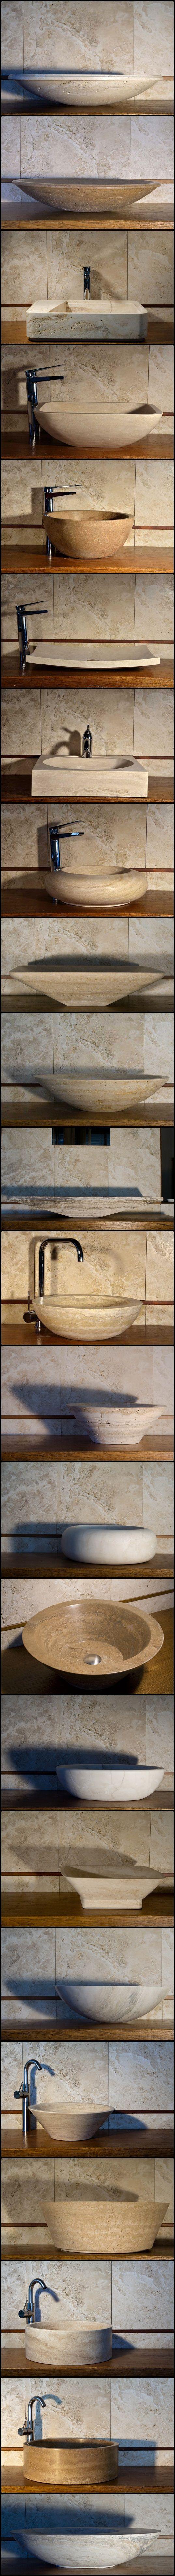 Sinks, sinks, sinks!!    Travertine sinks by Pietre di Rapolano